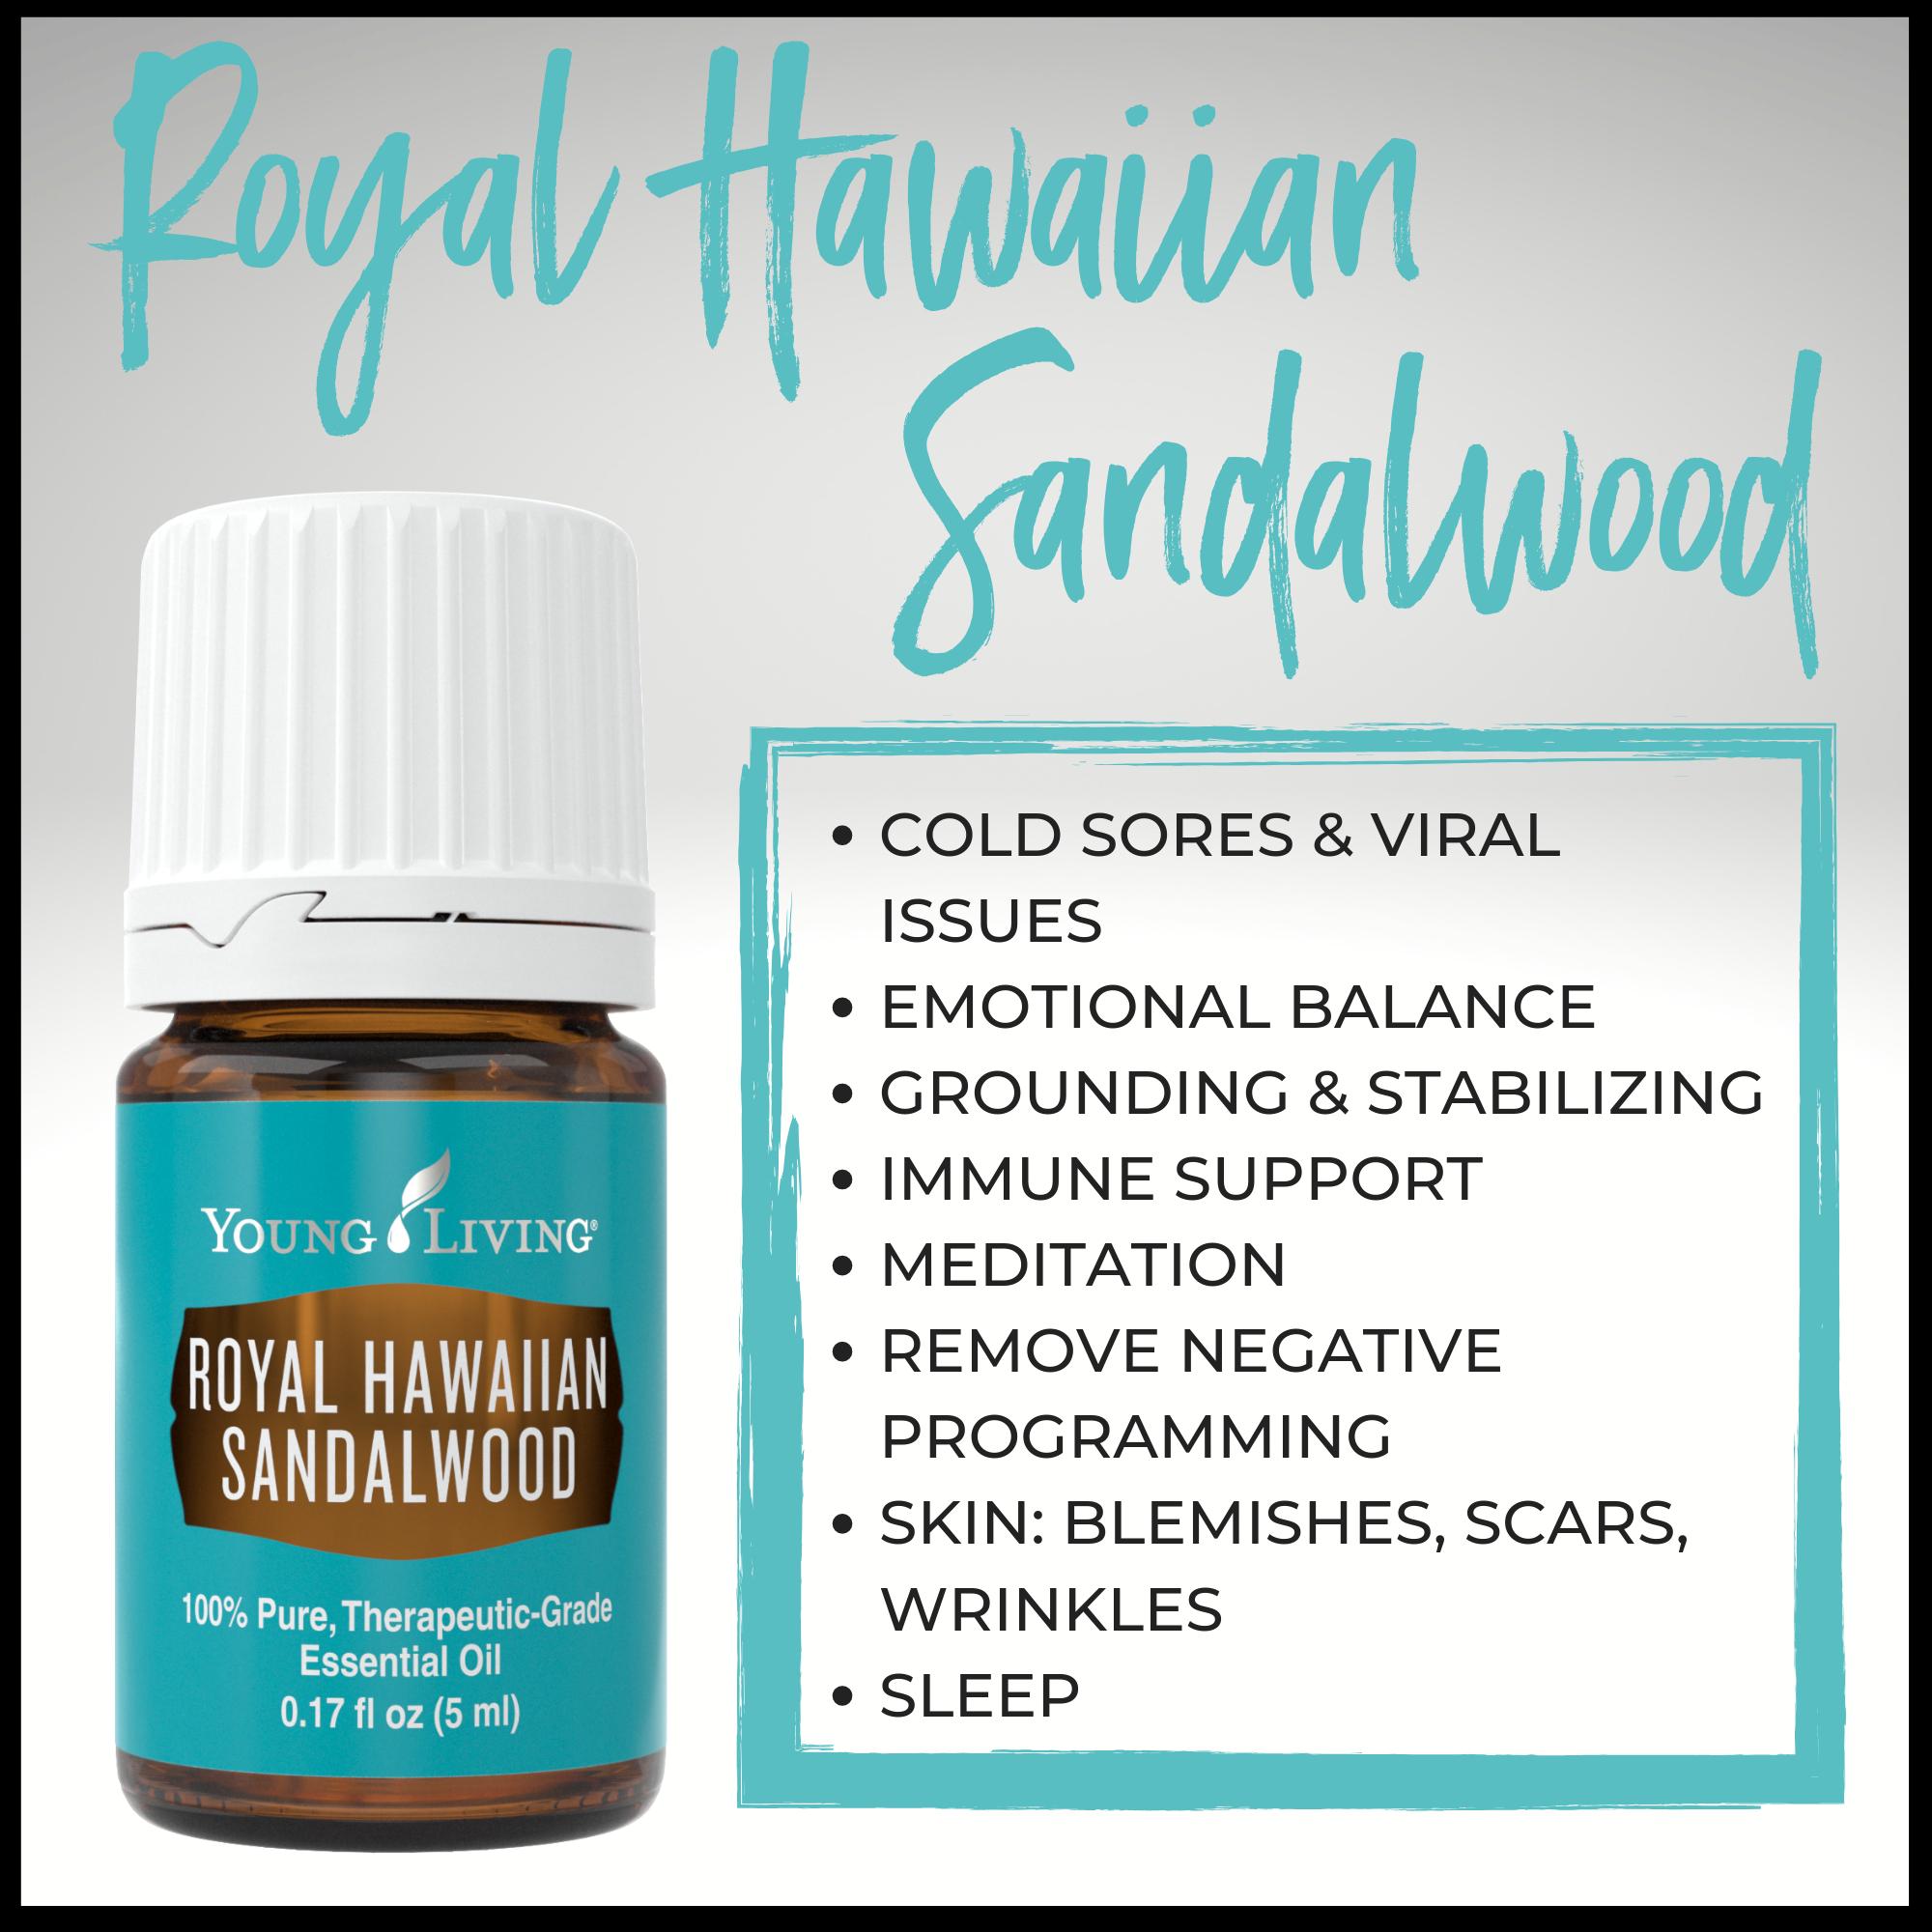 Royal Hawaiian Sandalwood